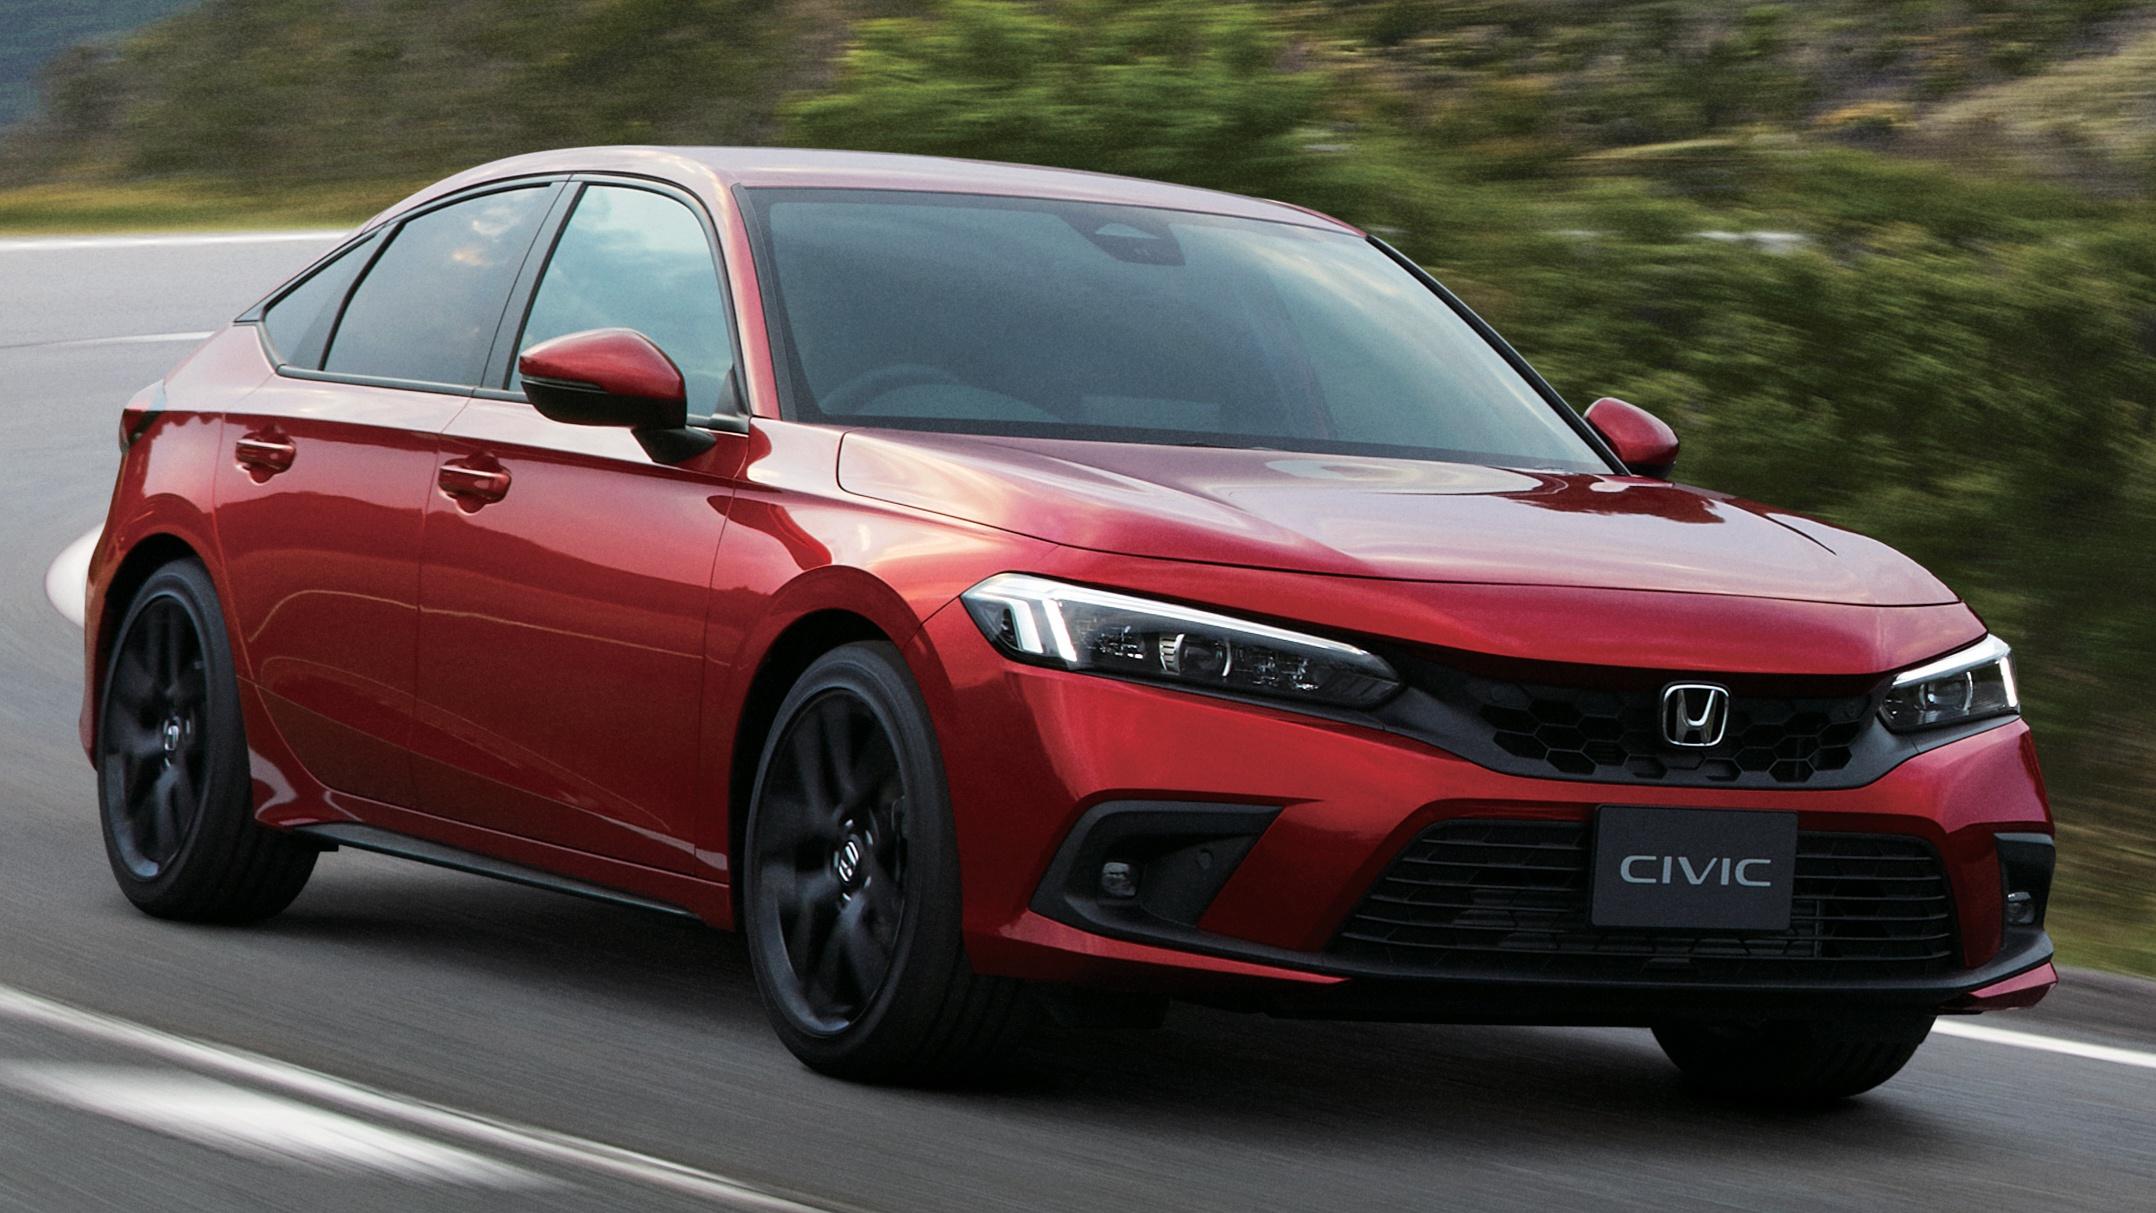 Honda Civic 2022 bản 5 cửa tại Nhật Bản có 8 túi khí, tự hành cấp độ 2